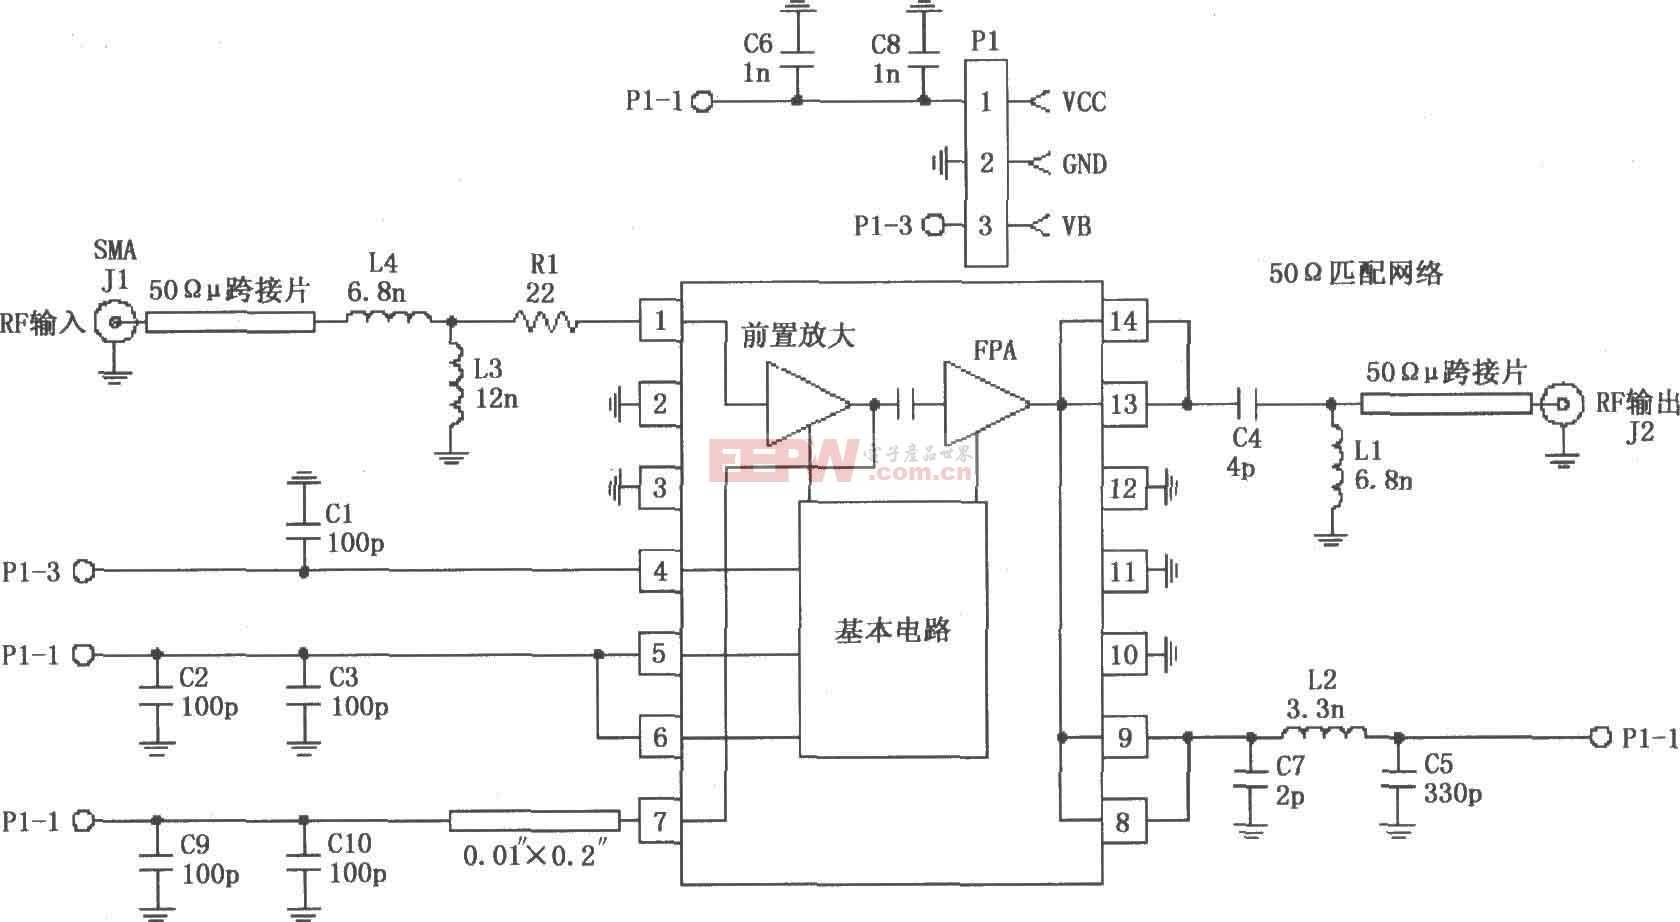 RF2103P构成的915MHz射频放大器的电路图